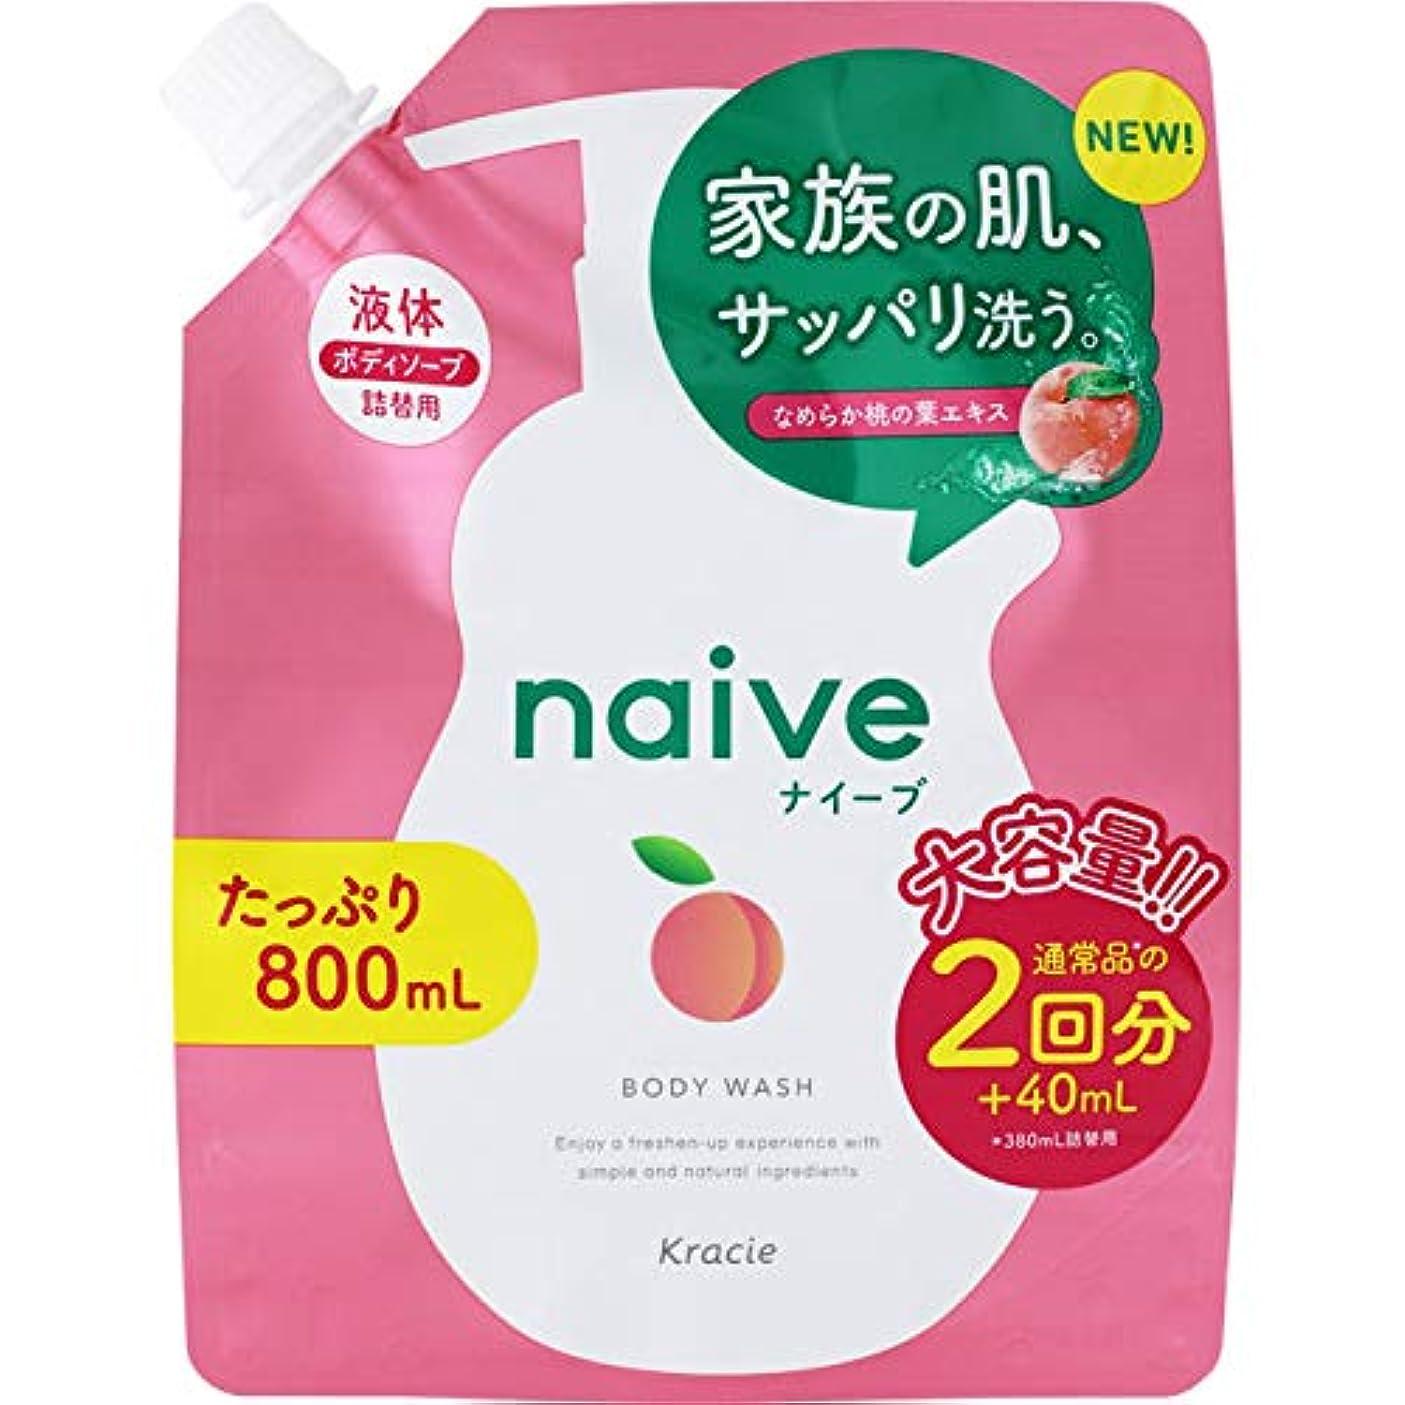 飢杭専制ナイーブ ボディソープ(桃の葉エキス配合) 詰替用 × 9個セット